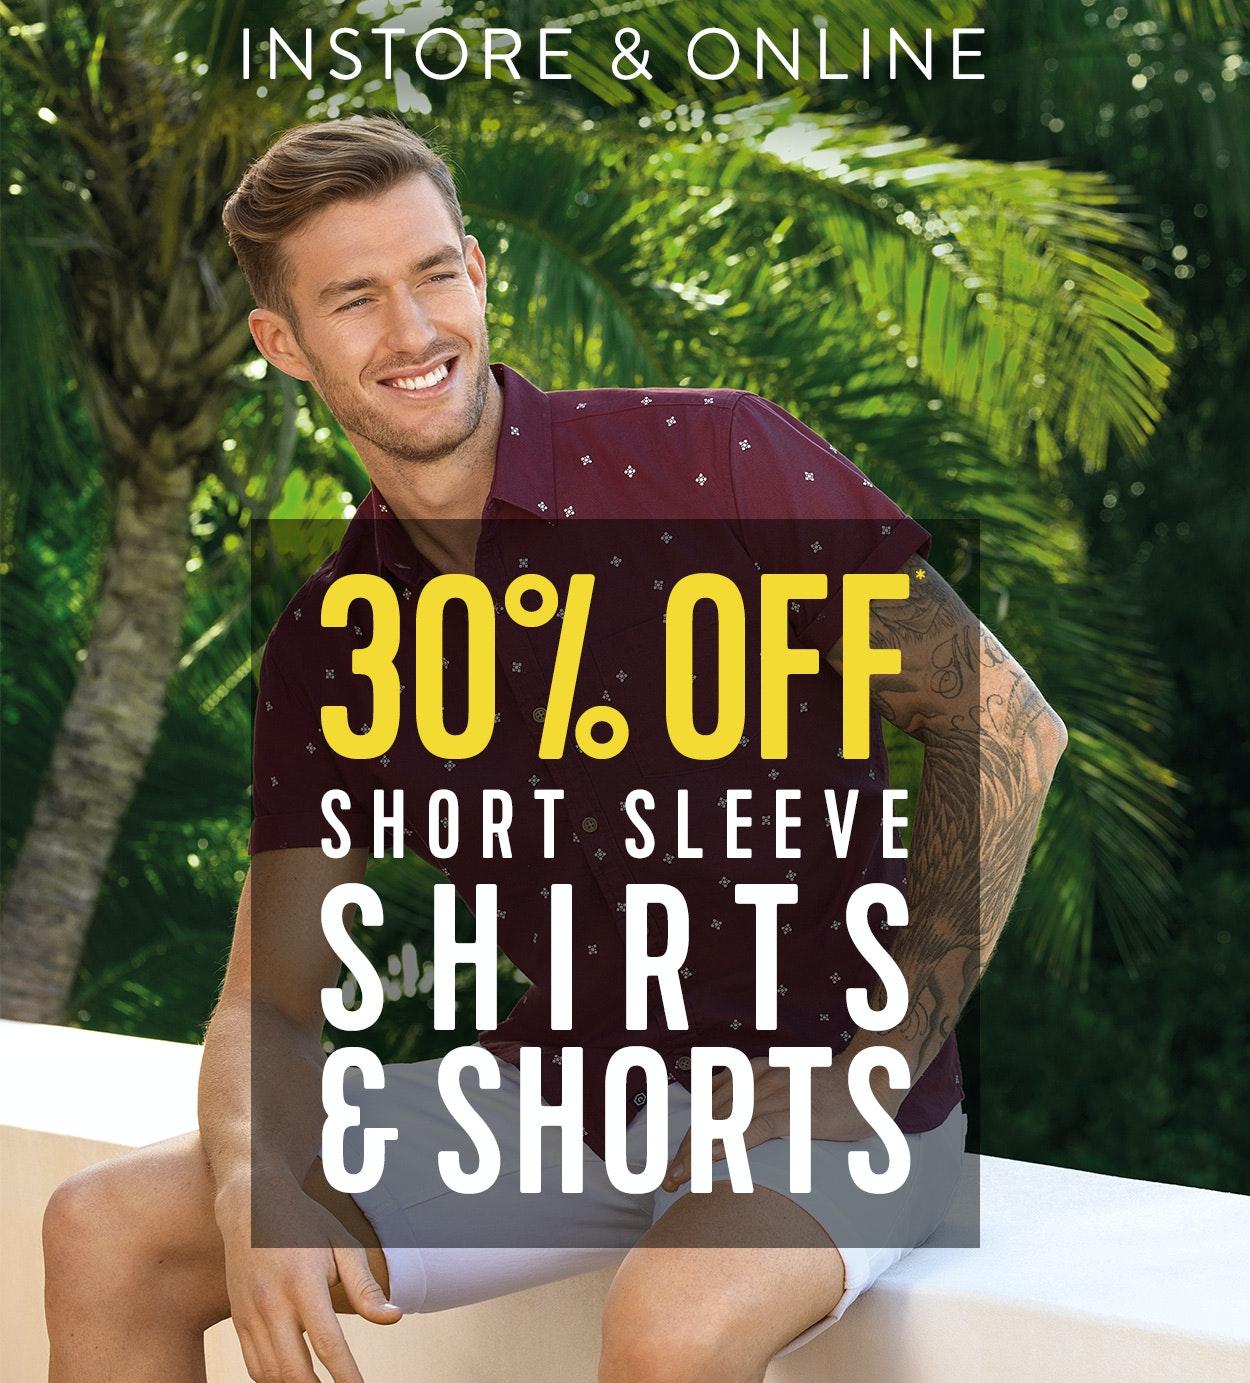 Shop Menswear Sale Shirts & Shorts at Connor